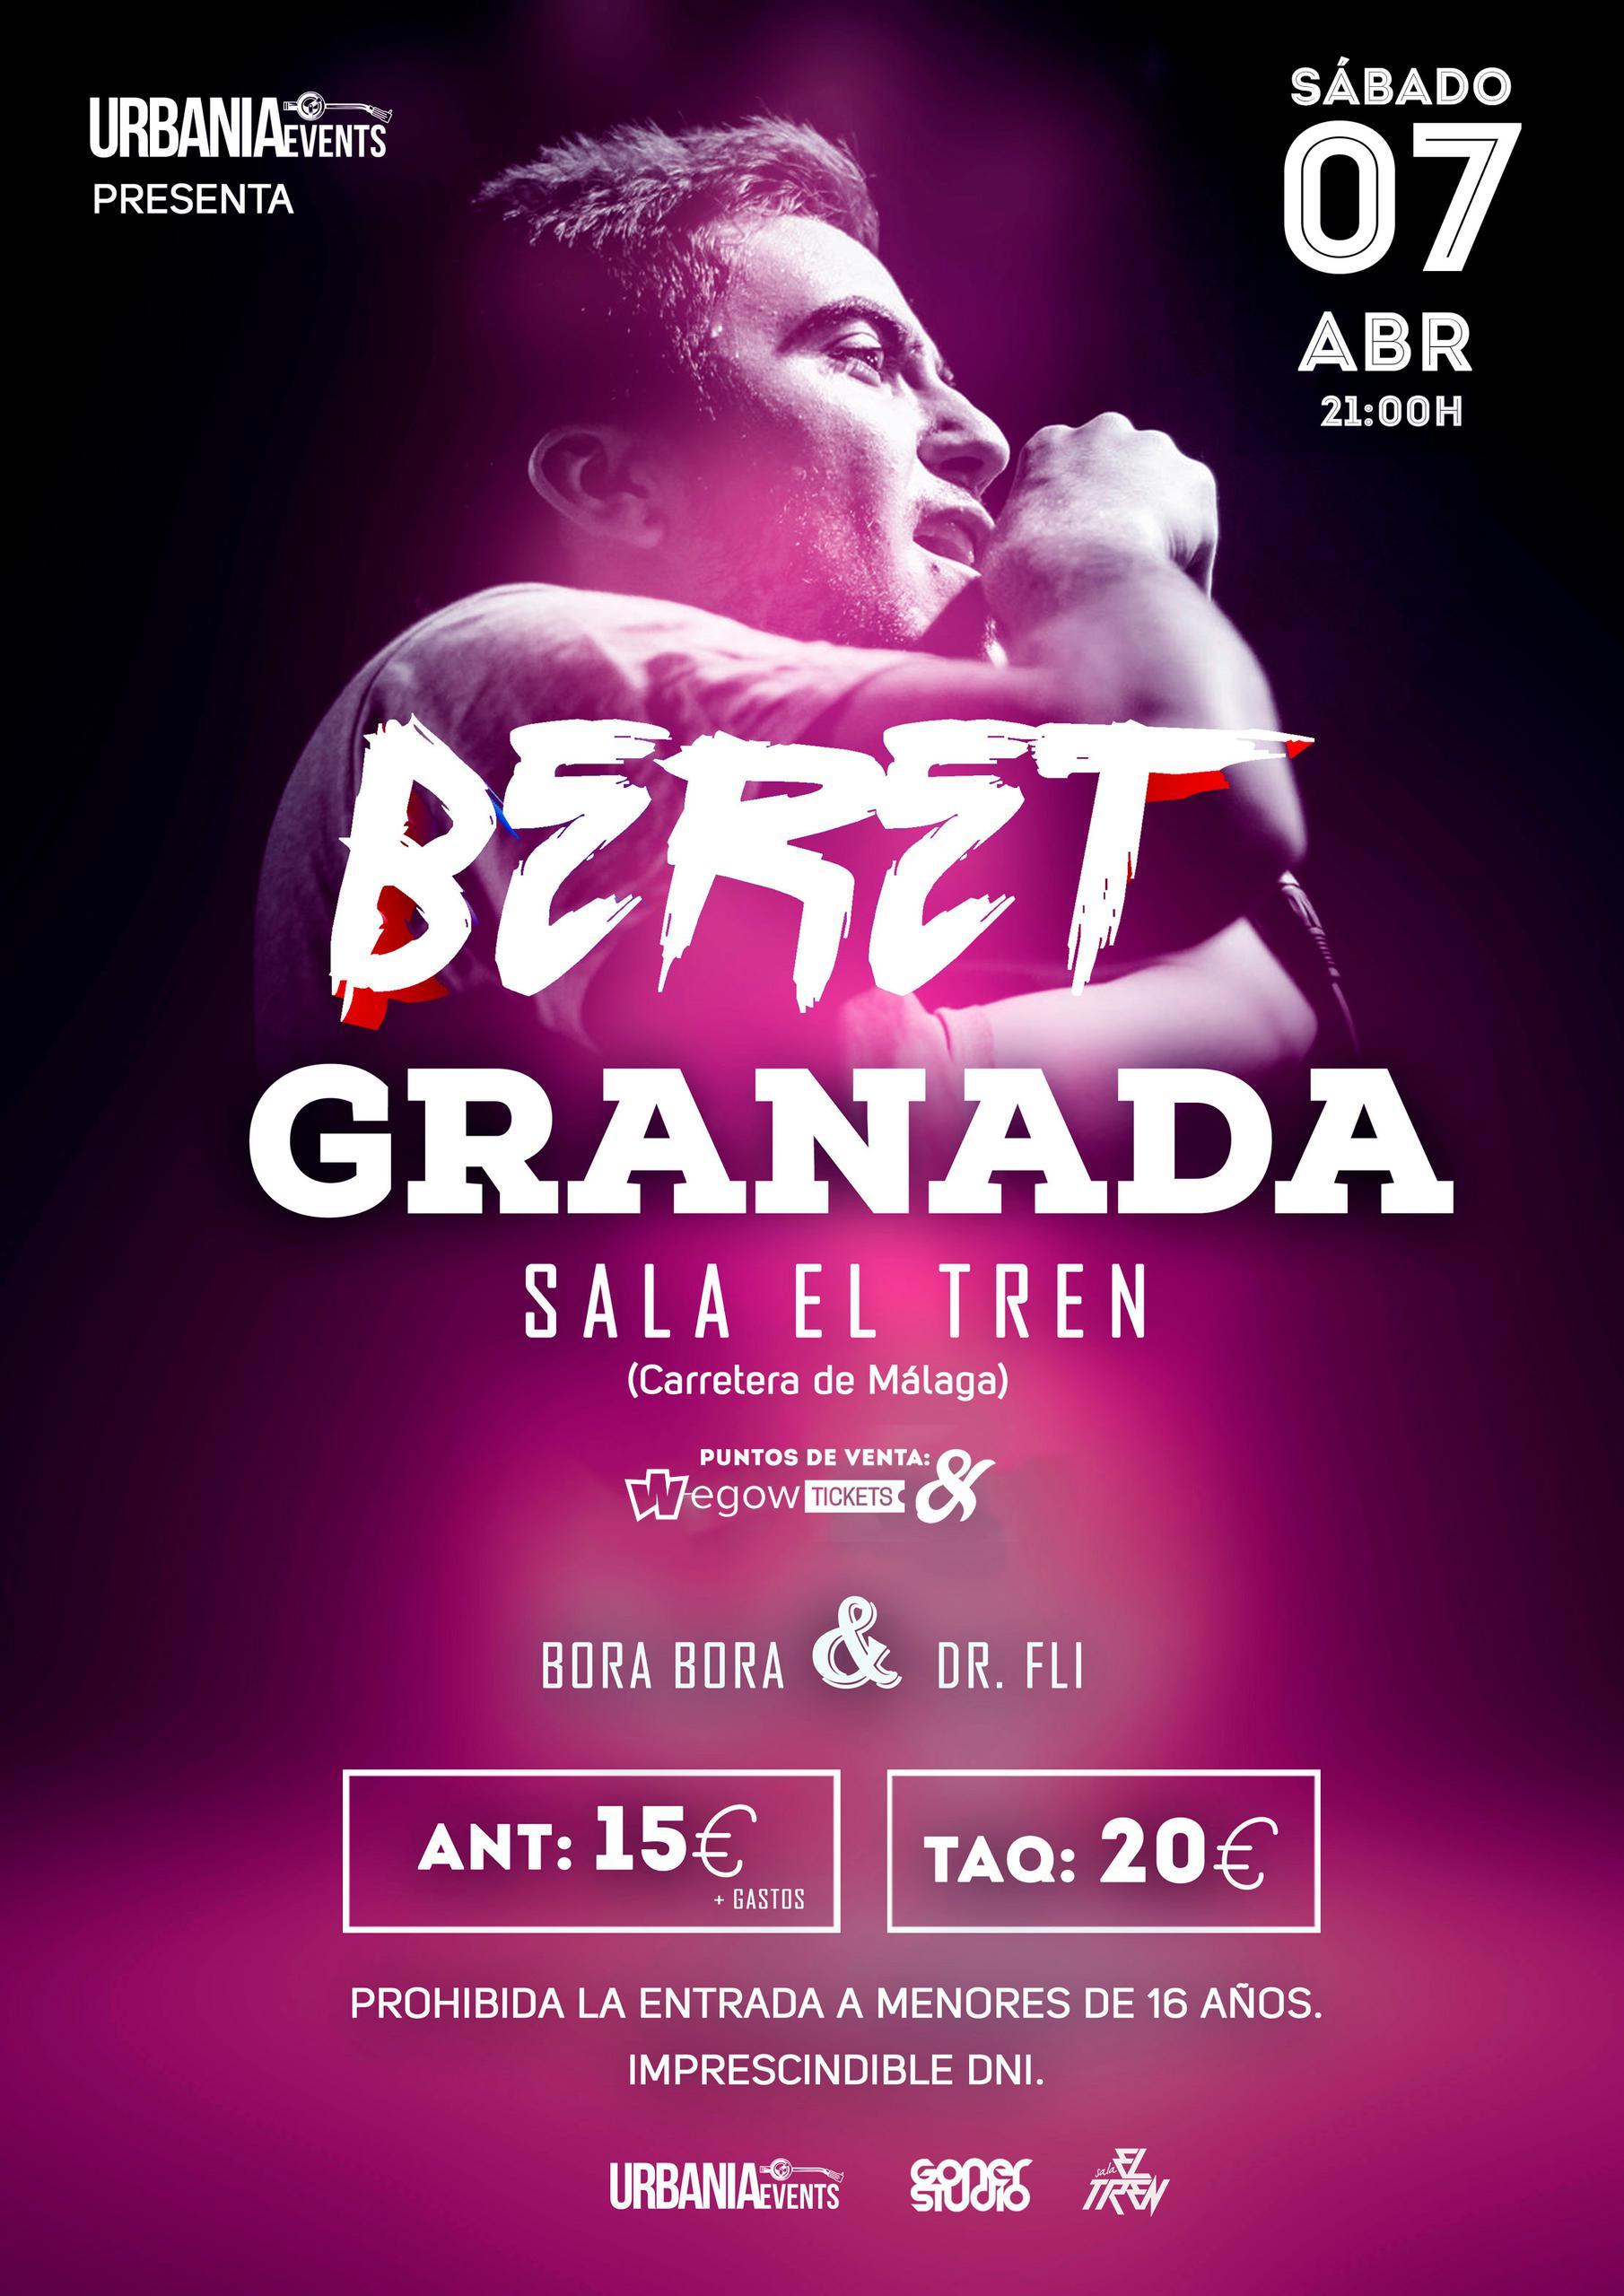 Concierto de Beret el Sábado 7 de Abril en la Sala El Tren de Granada.